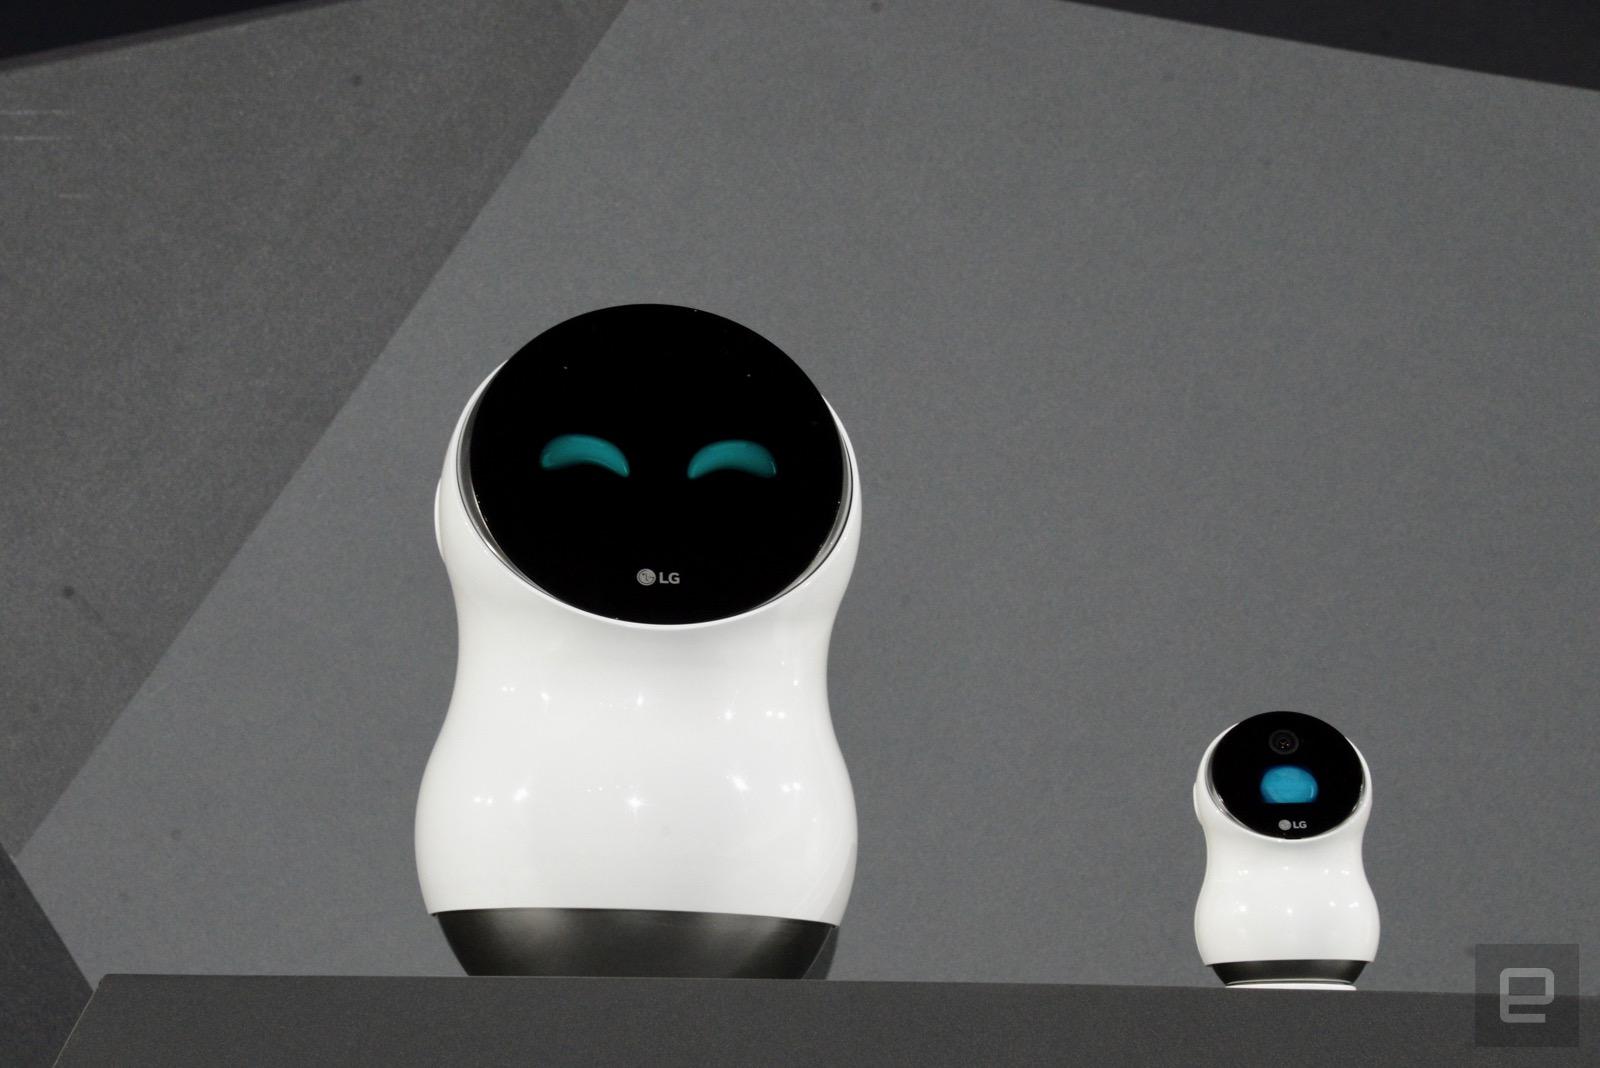 LG 的新機器人不管在家還是在機場都能給予你幫助